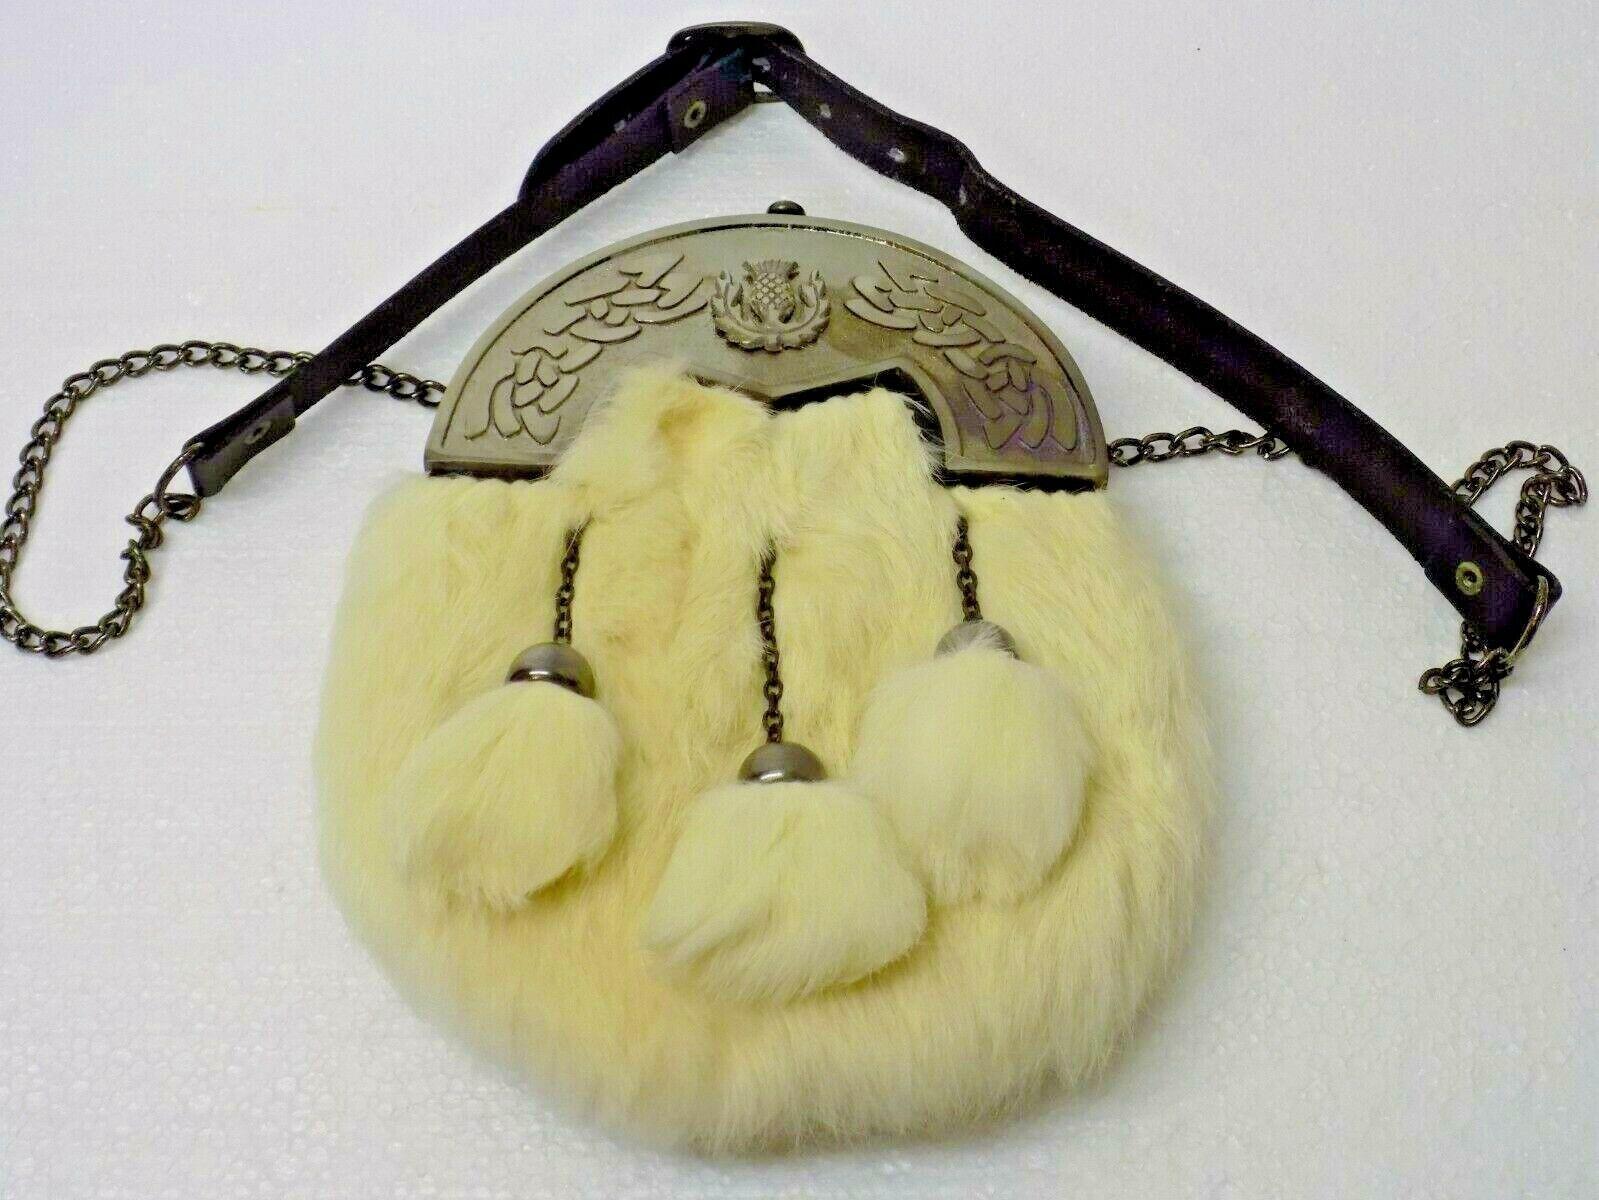 Celtic & Thistle Cantle White Rabbit Kilt Sporran & Chains